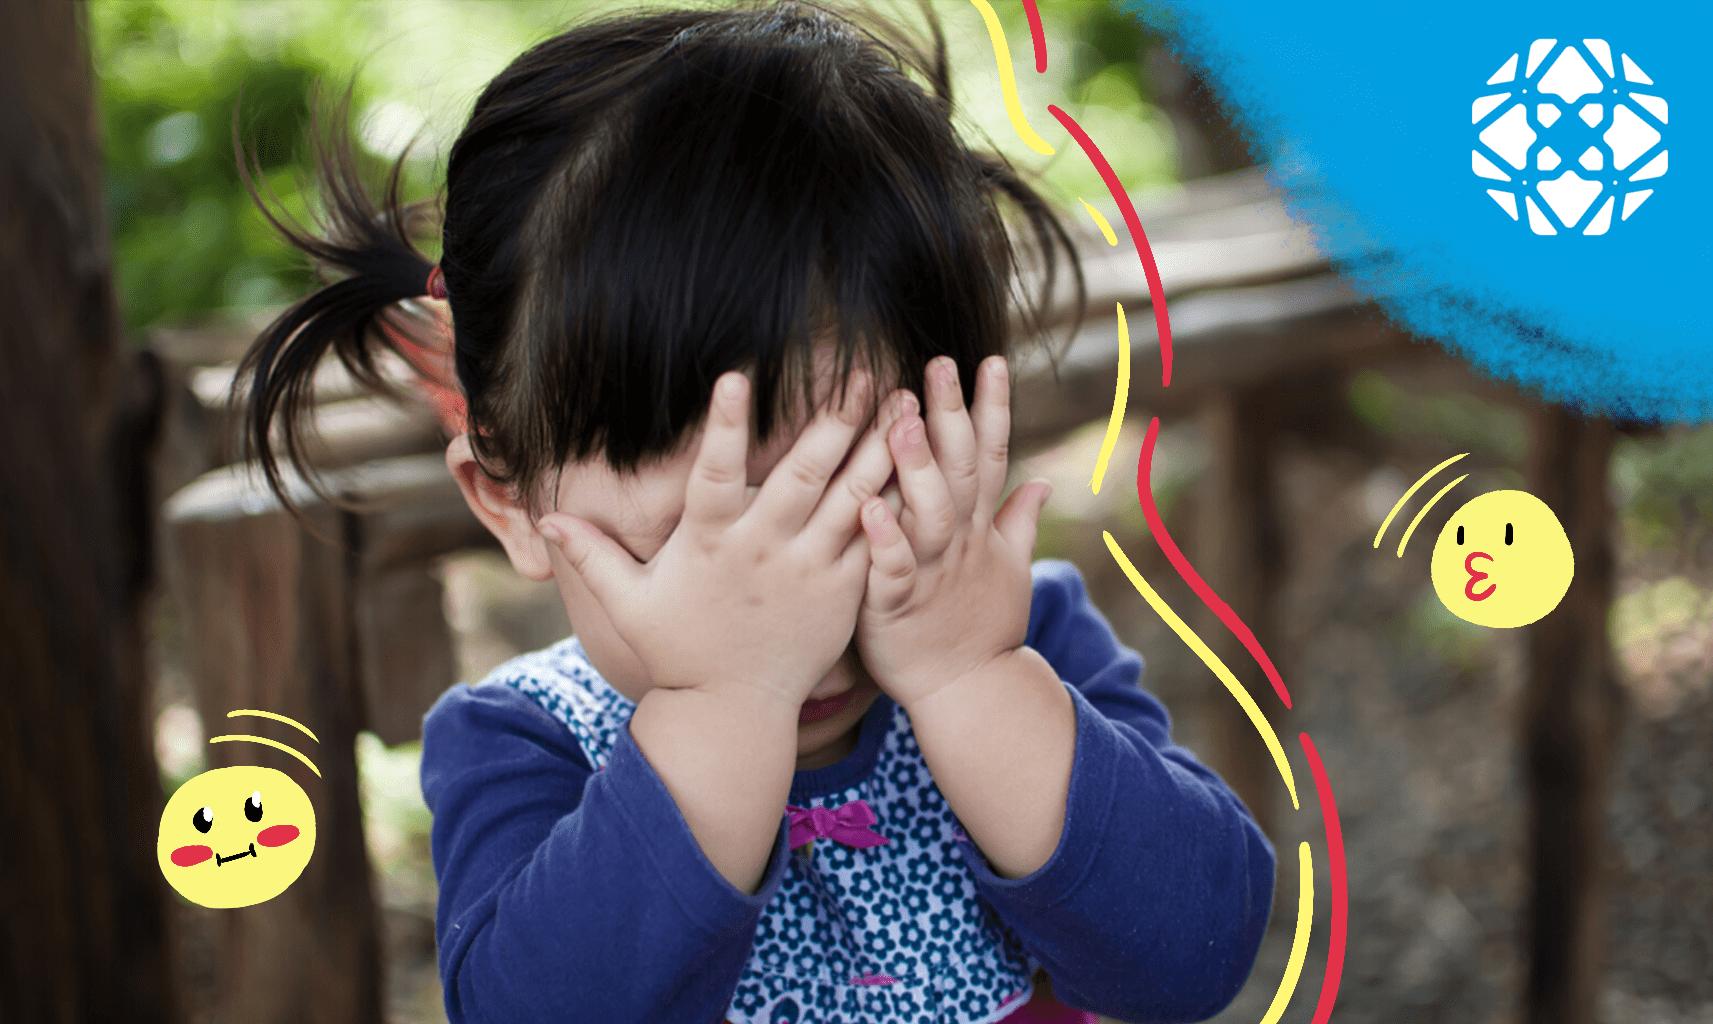 Meu filho filha é introvertido tímido introvertida tímida crianças